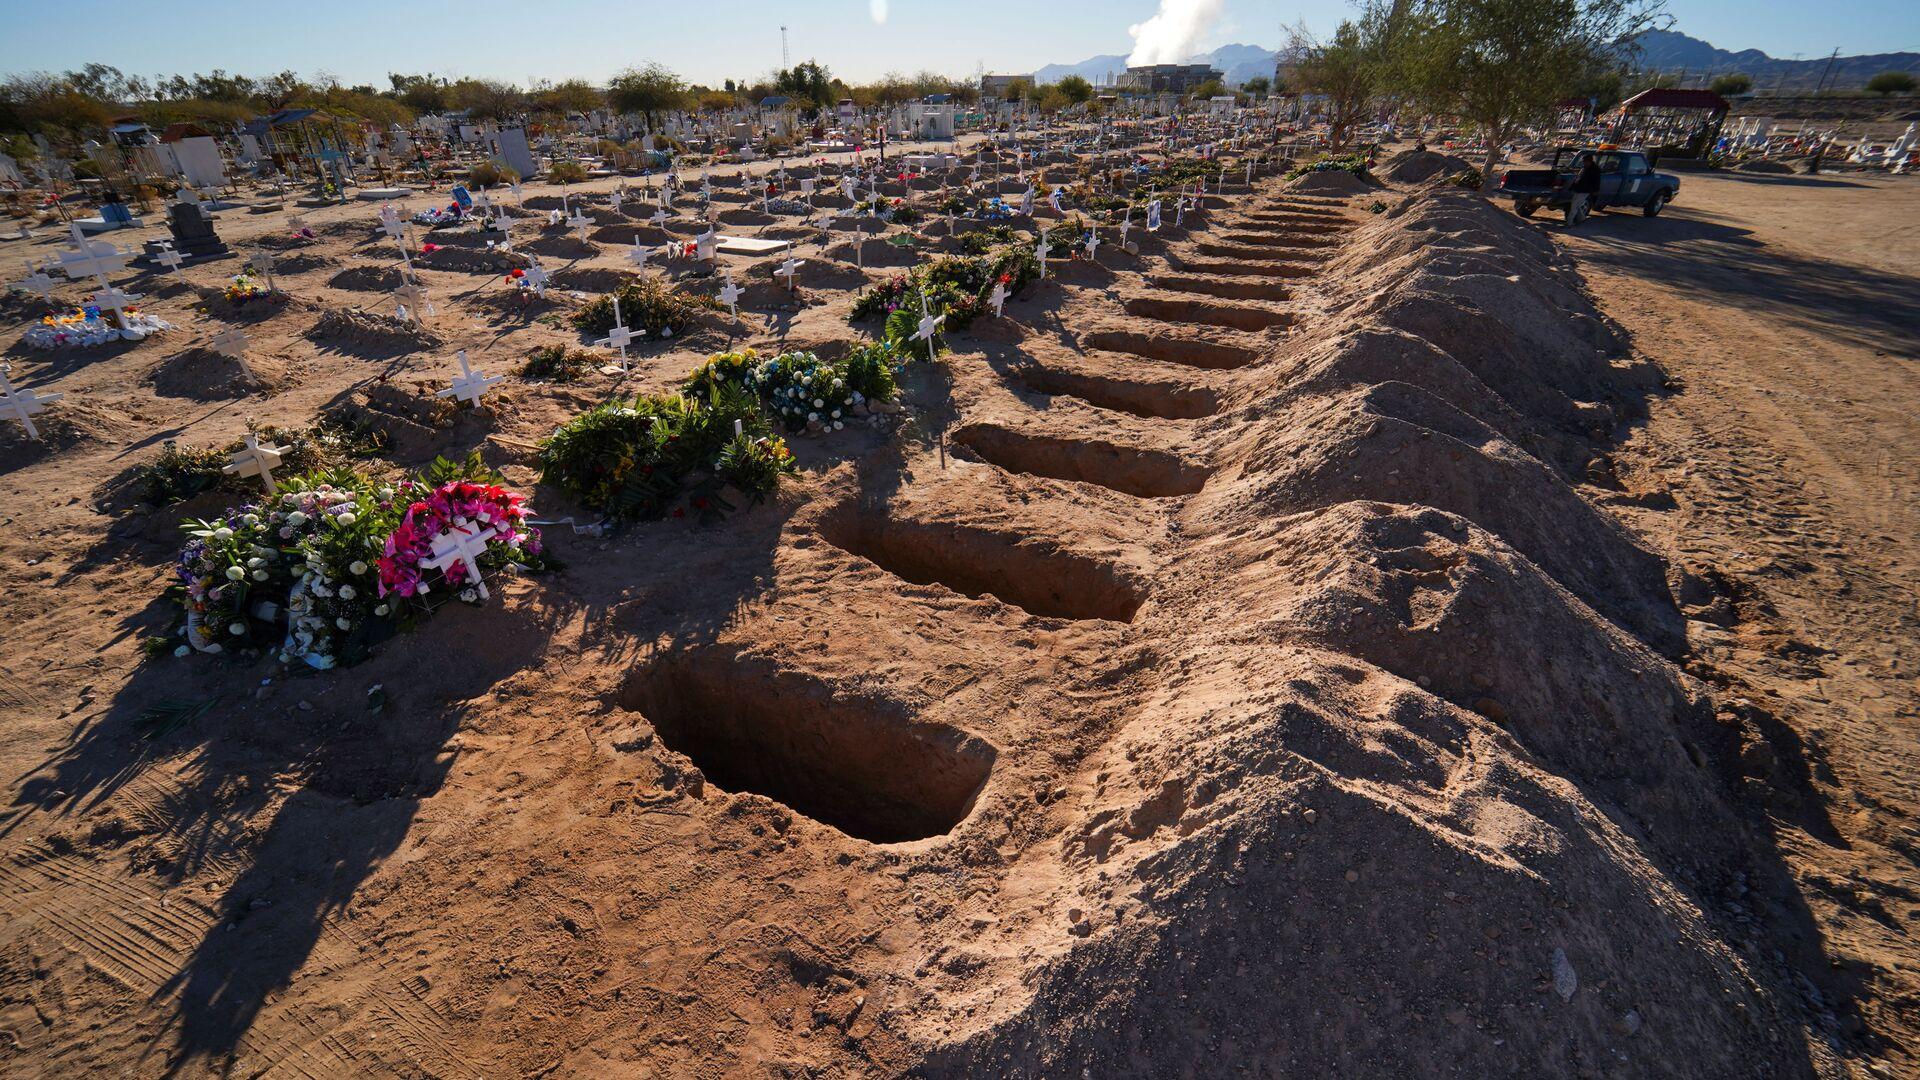 Tumbas recién excavadas en un cementerio, en medio de la pandemia de la enfermedad del coronavirus - Sputnik Mundo, 1920, 19.08.2021